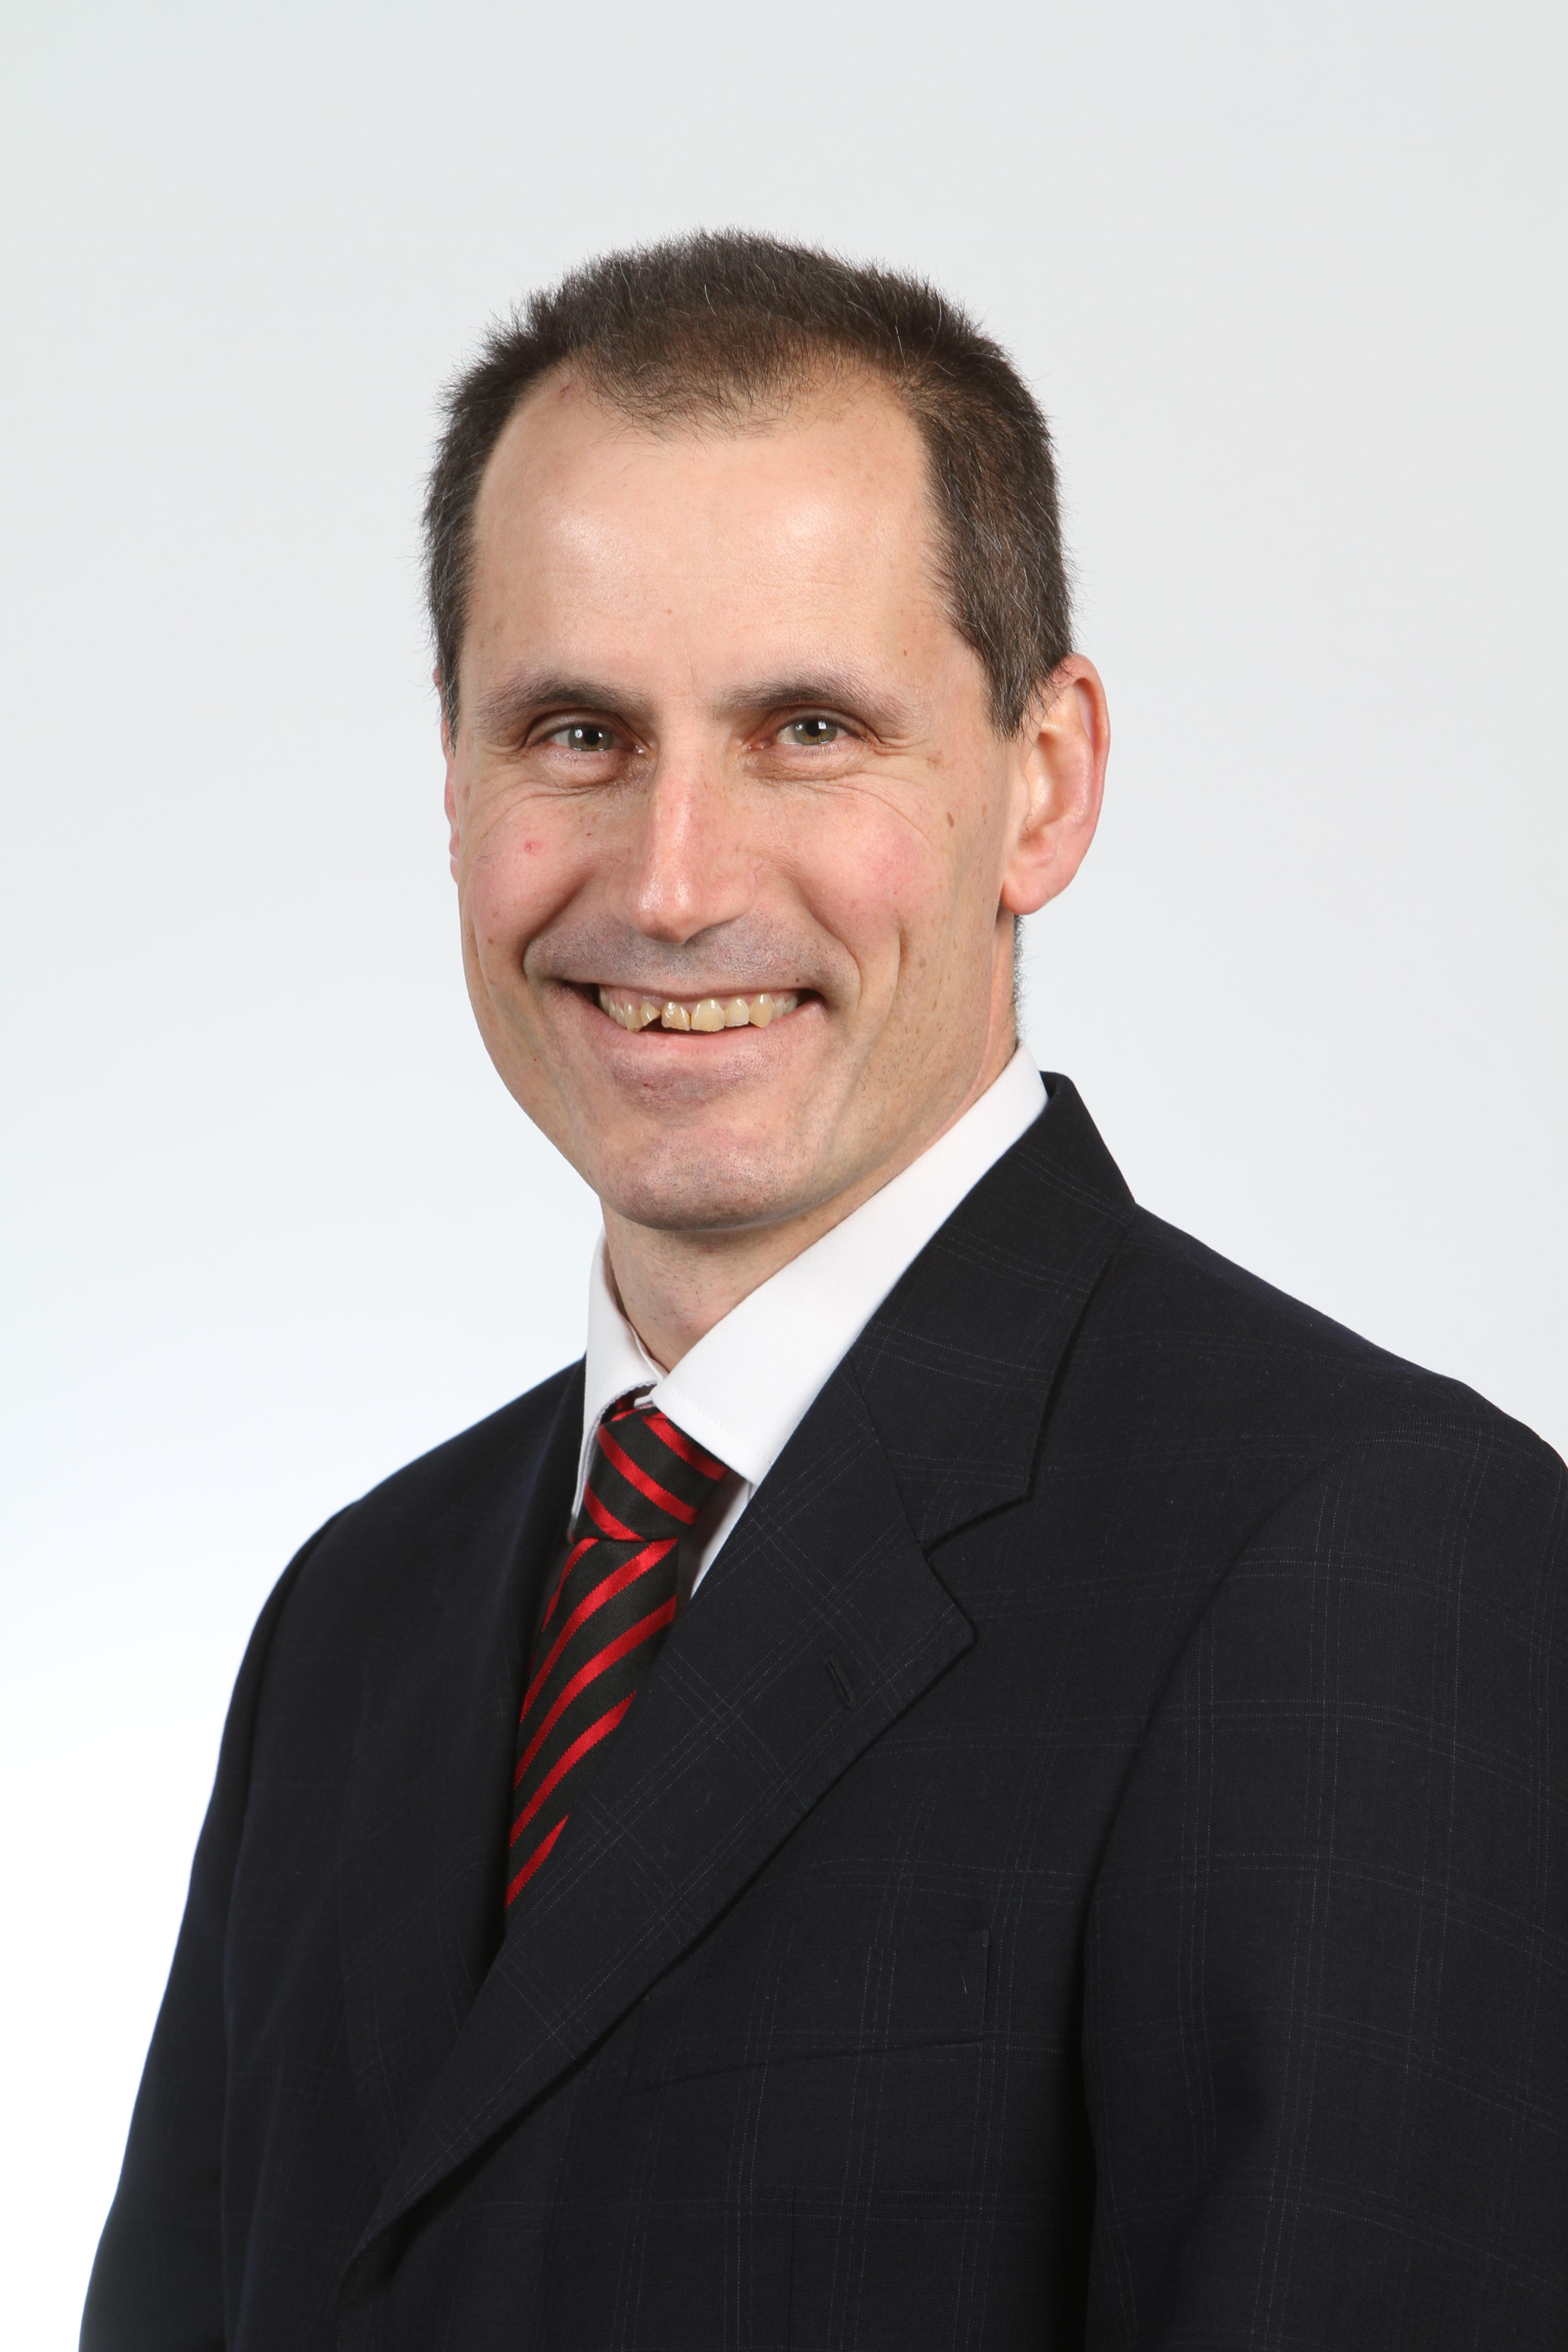 Bill Esterson